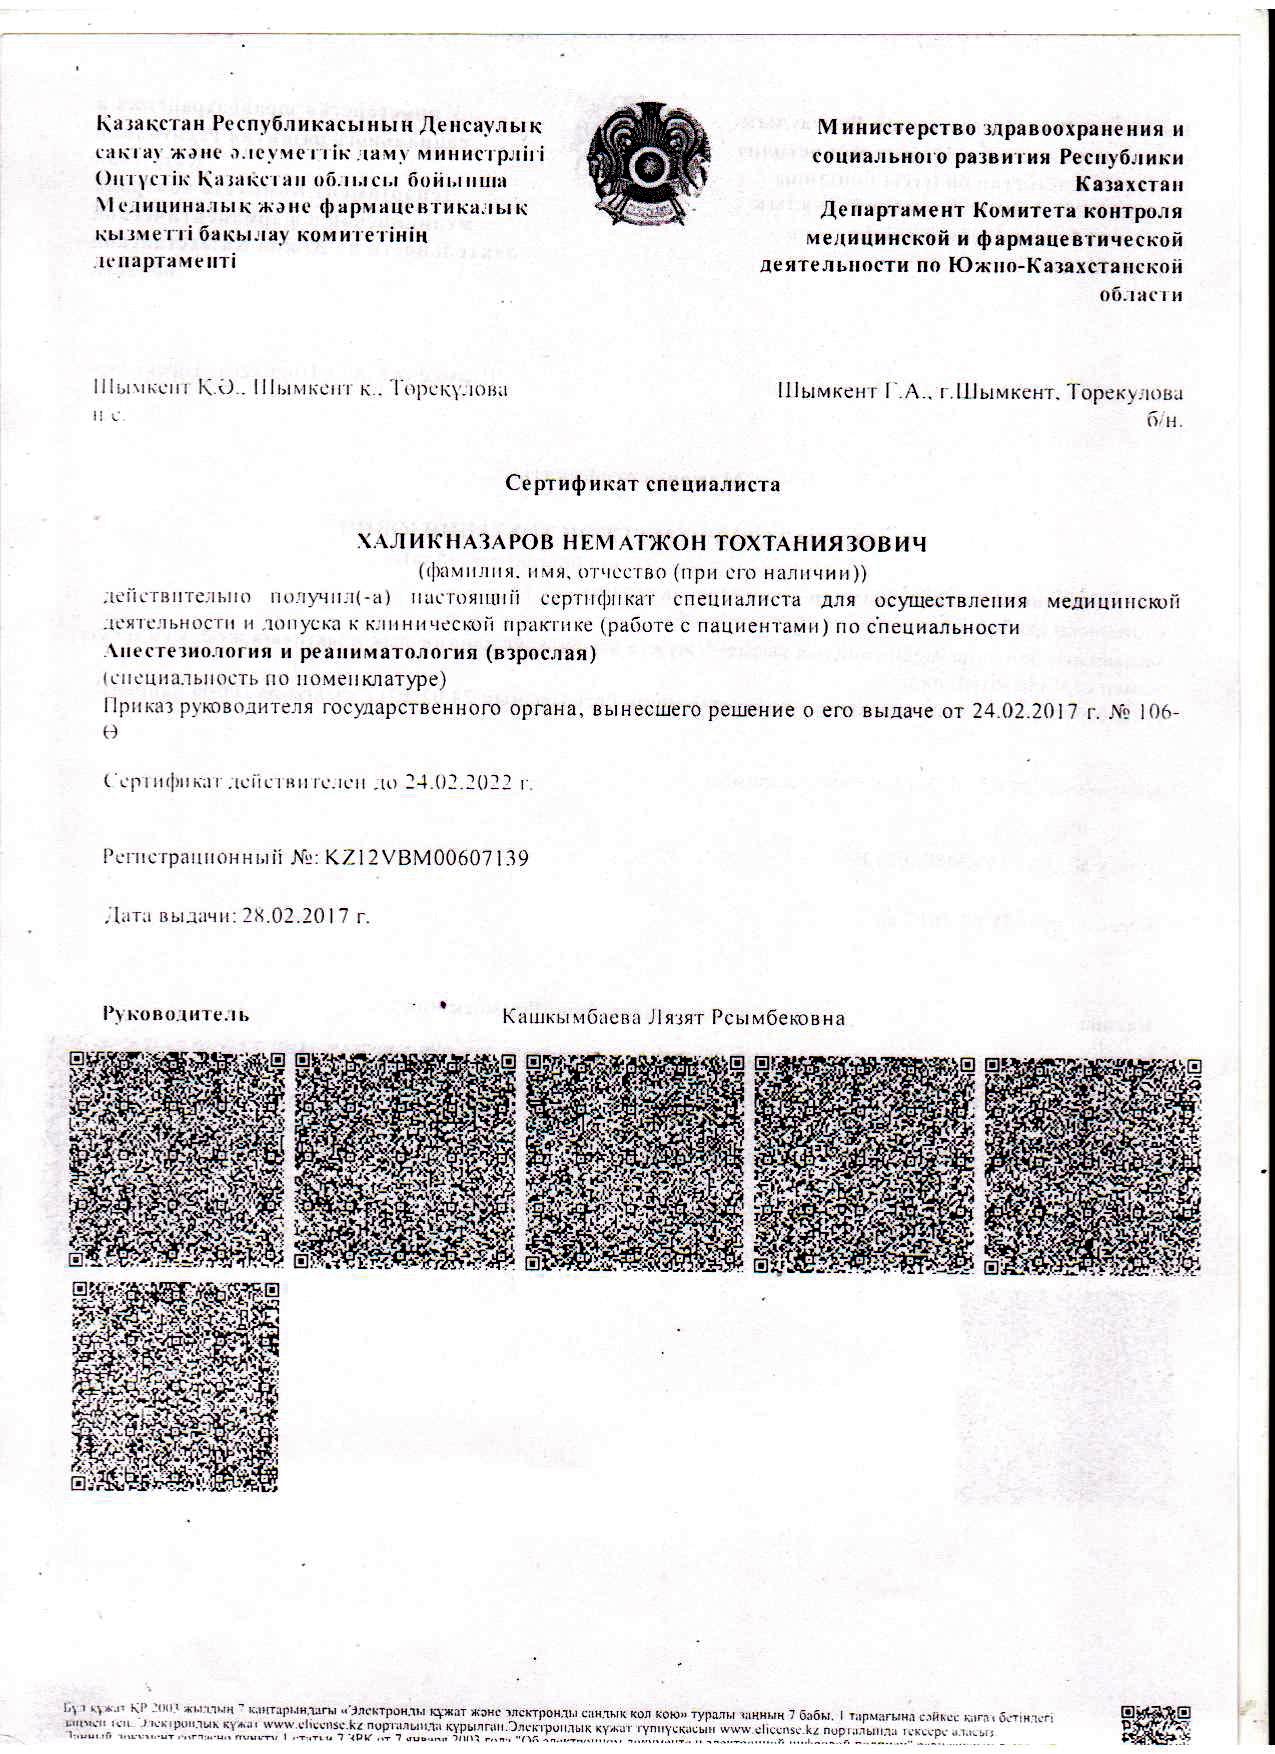 Сертификат Реаниматолога клиники Akniet Shipa сайрамский р-н. с. Карабулак